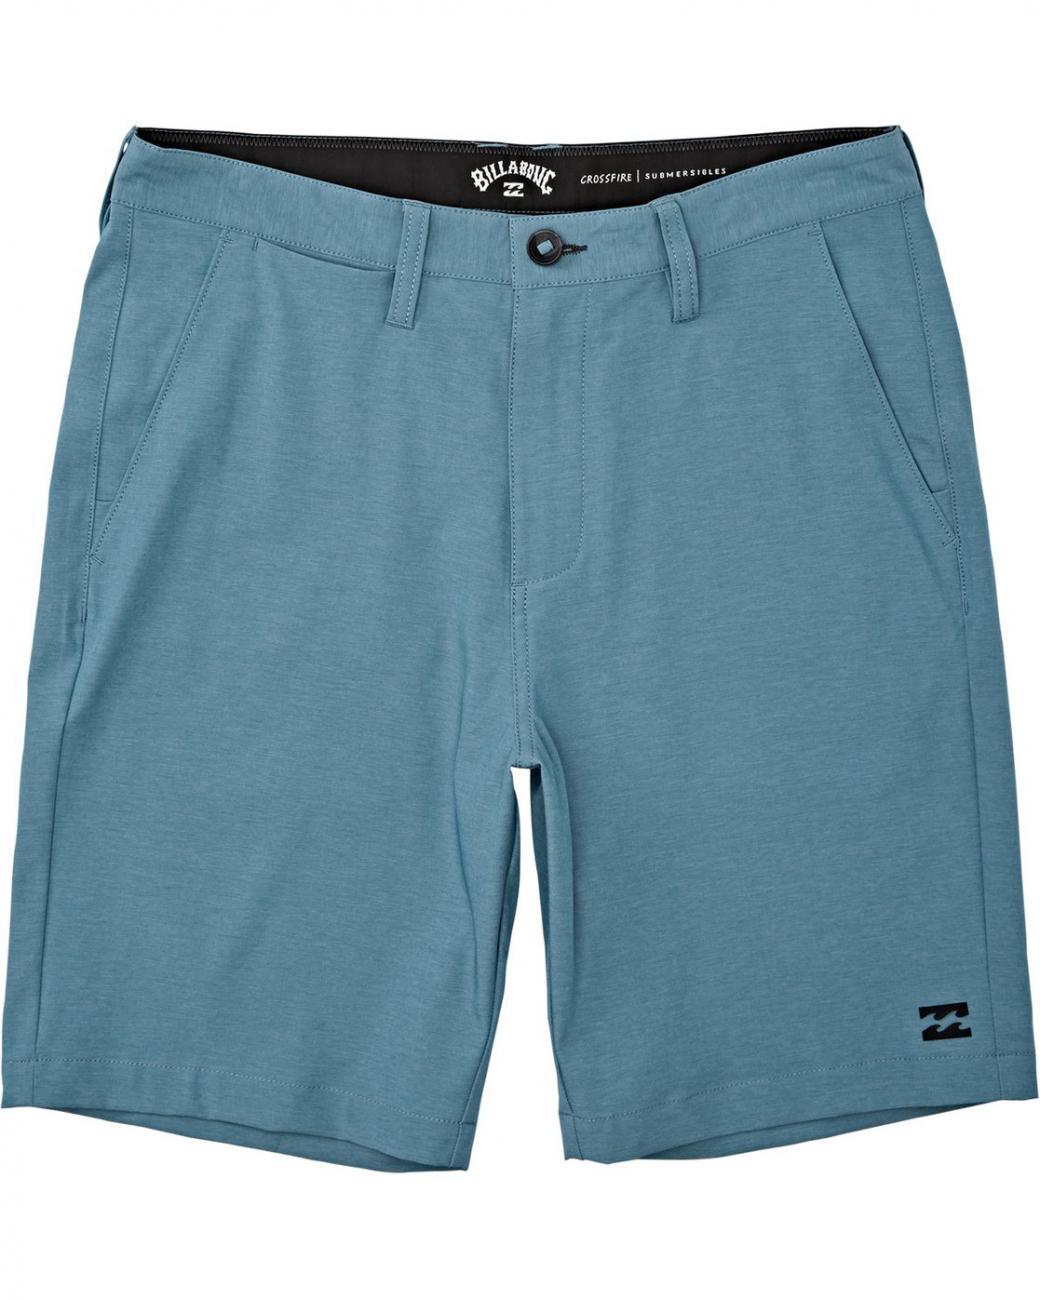 Pantalones Cortos Crossfire Shorts Sumergibles Bay Blue Billabong Hombre Dai Trung Chinh